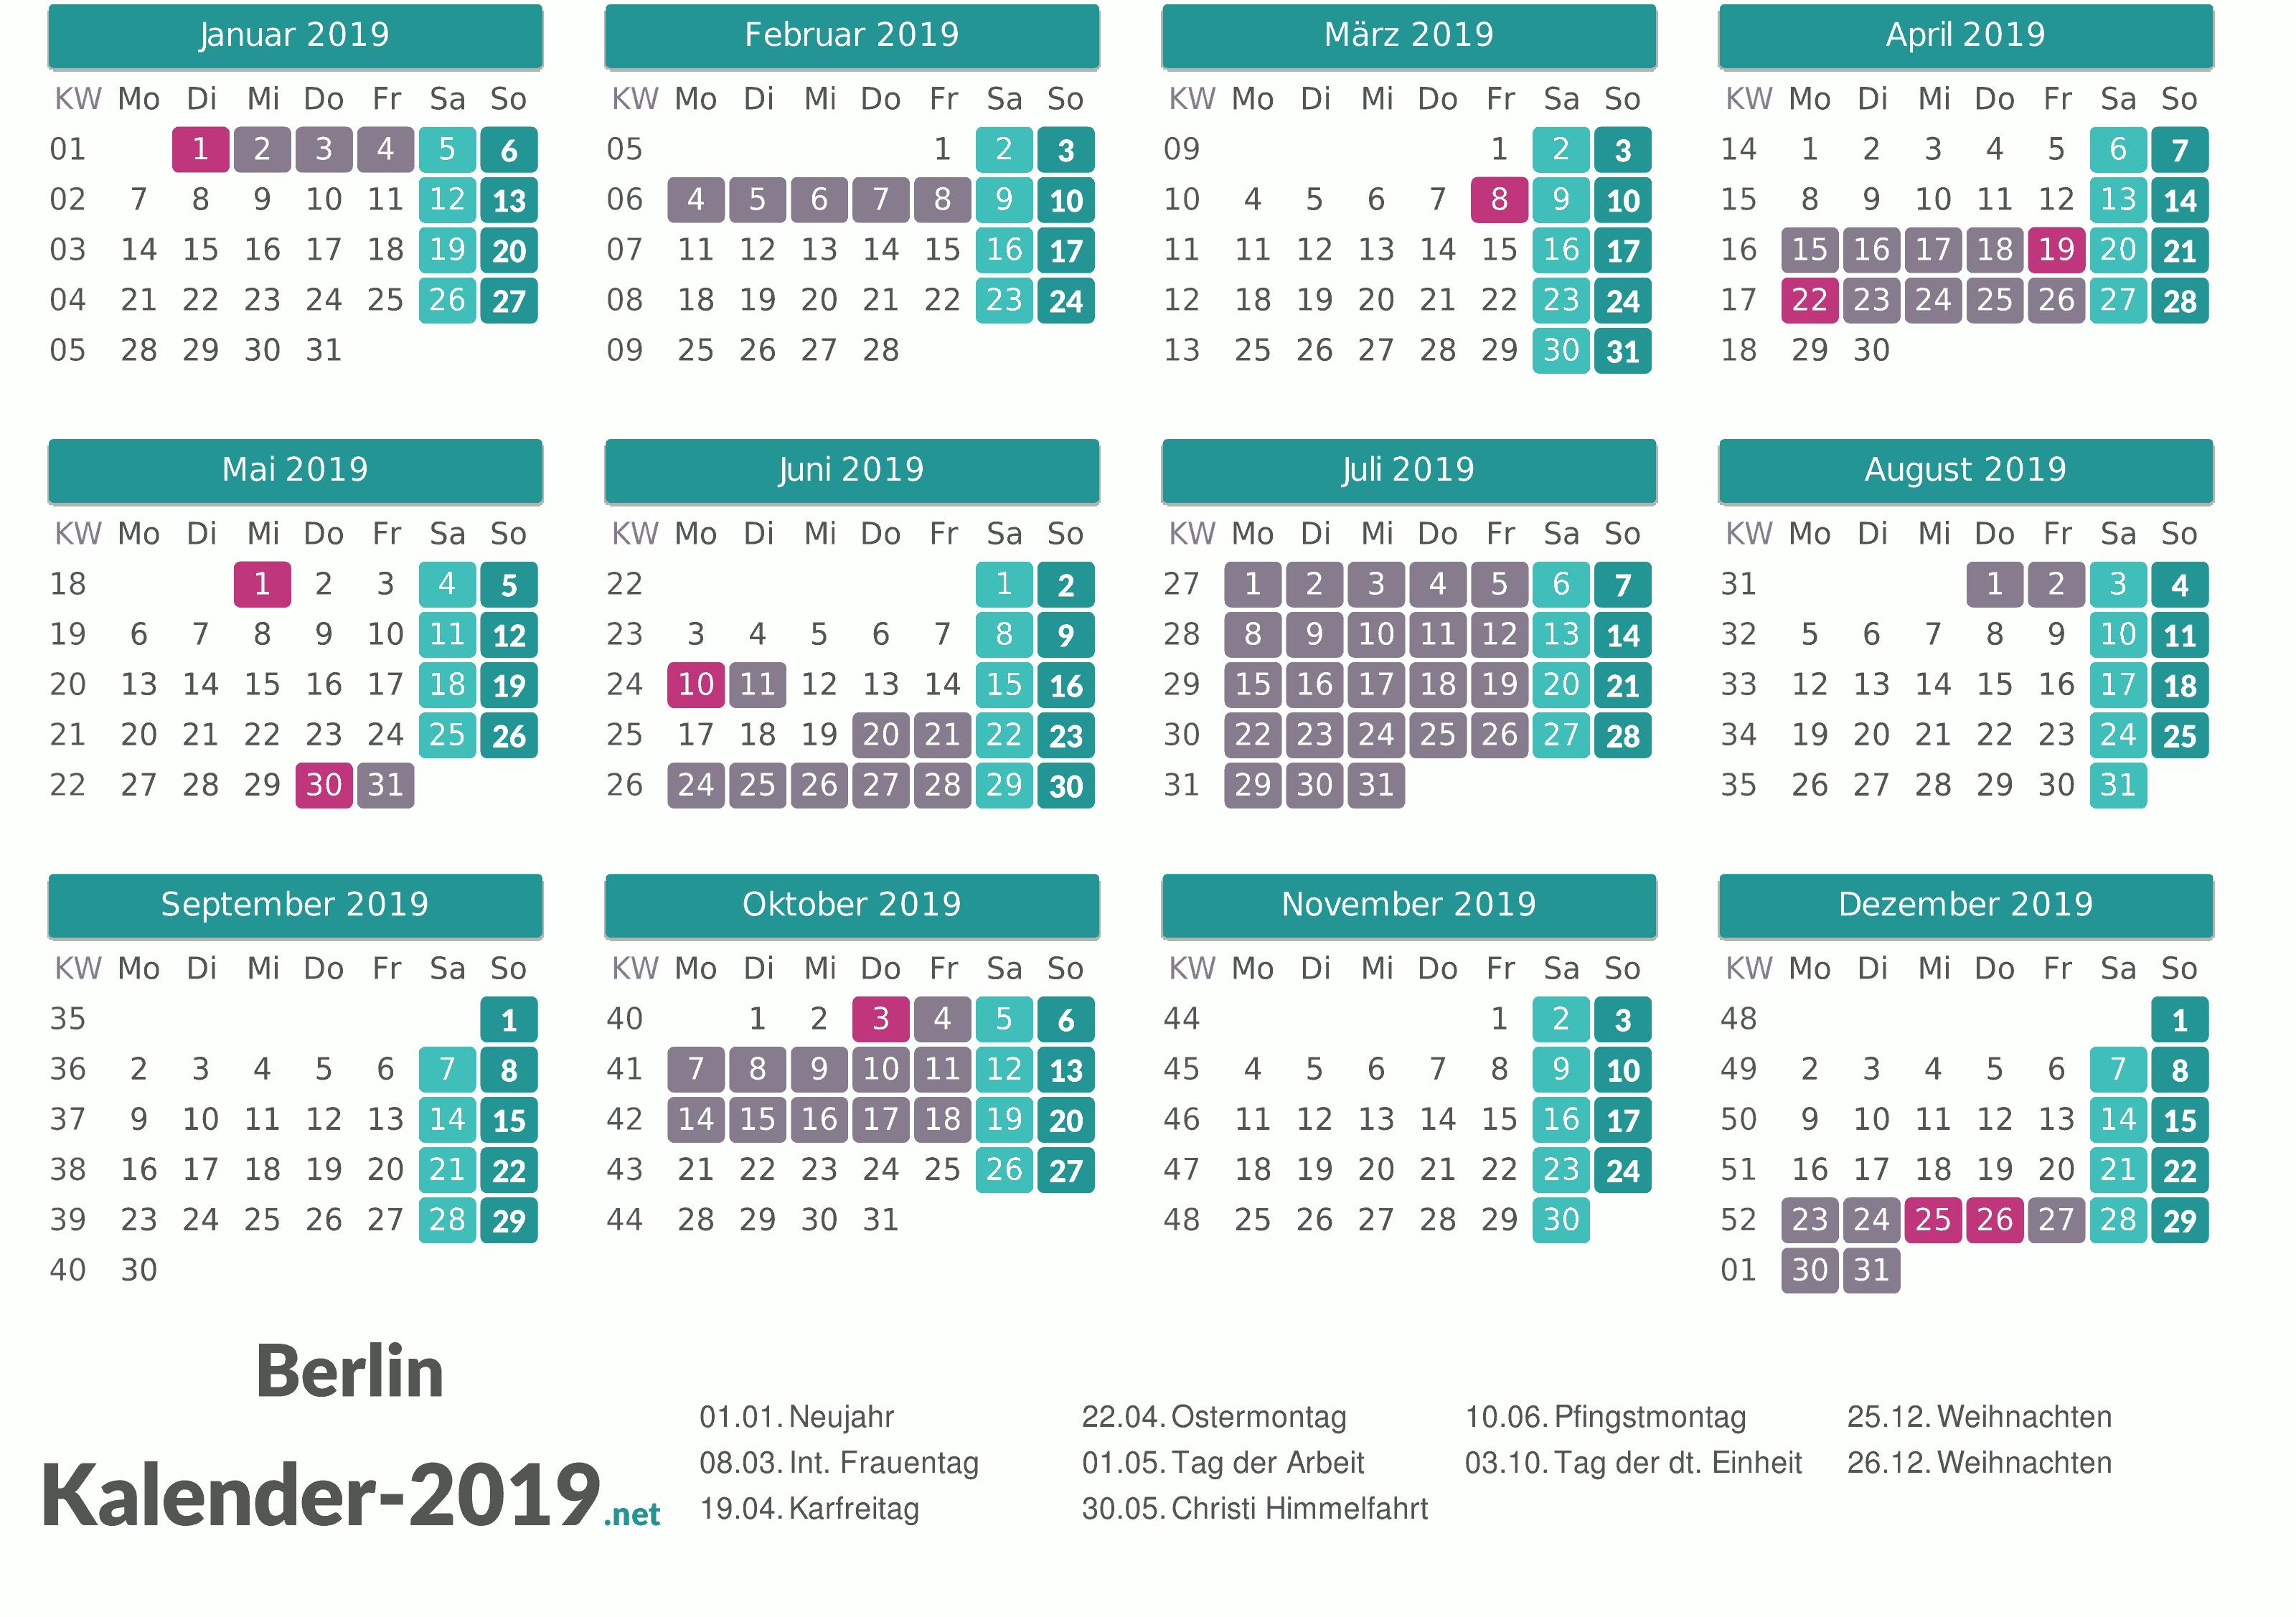 Weihnachten 2019 Thüringen.Ferien Thüringen 2019 Ferienkalender übersicht